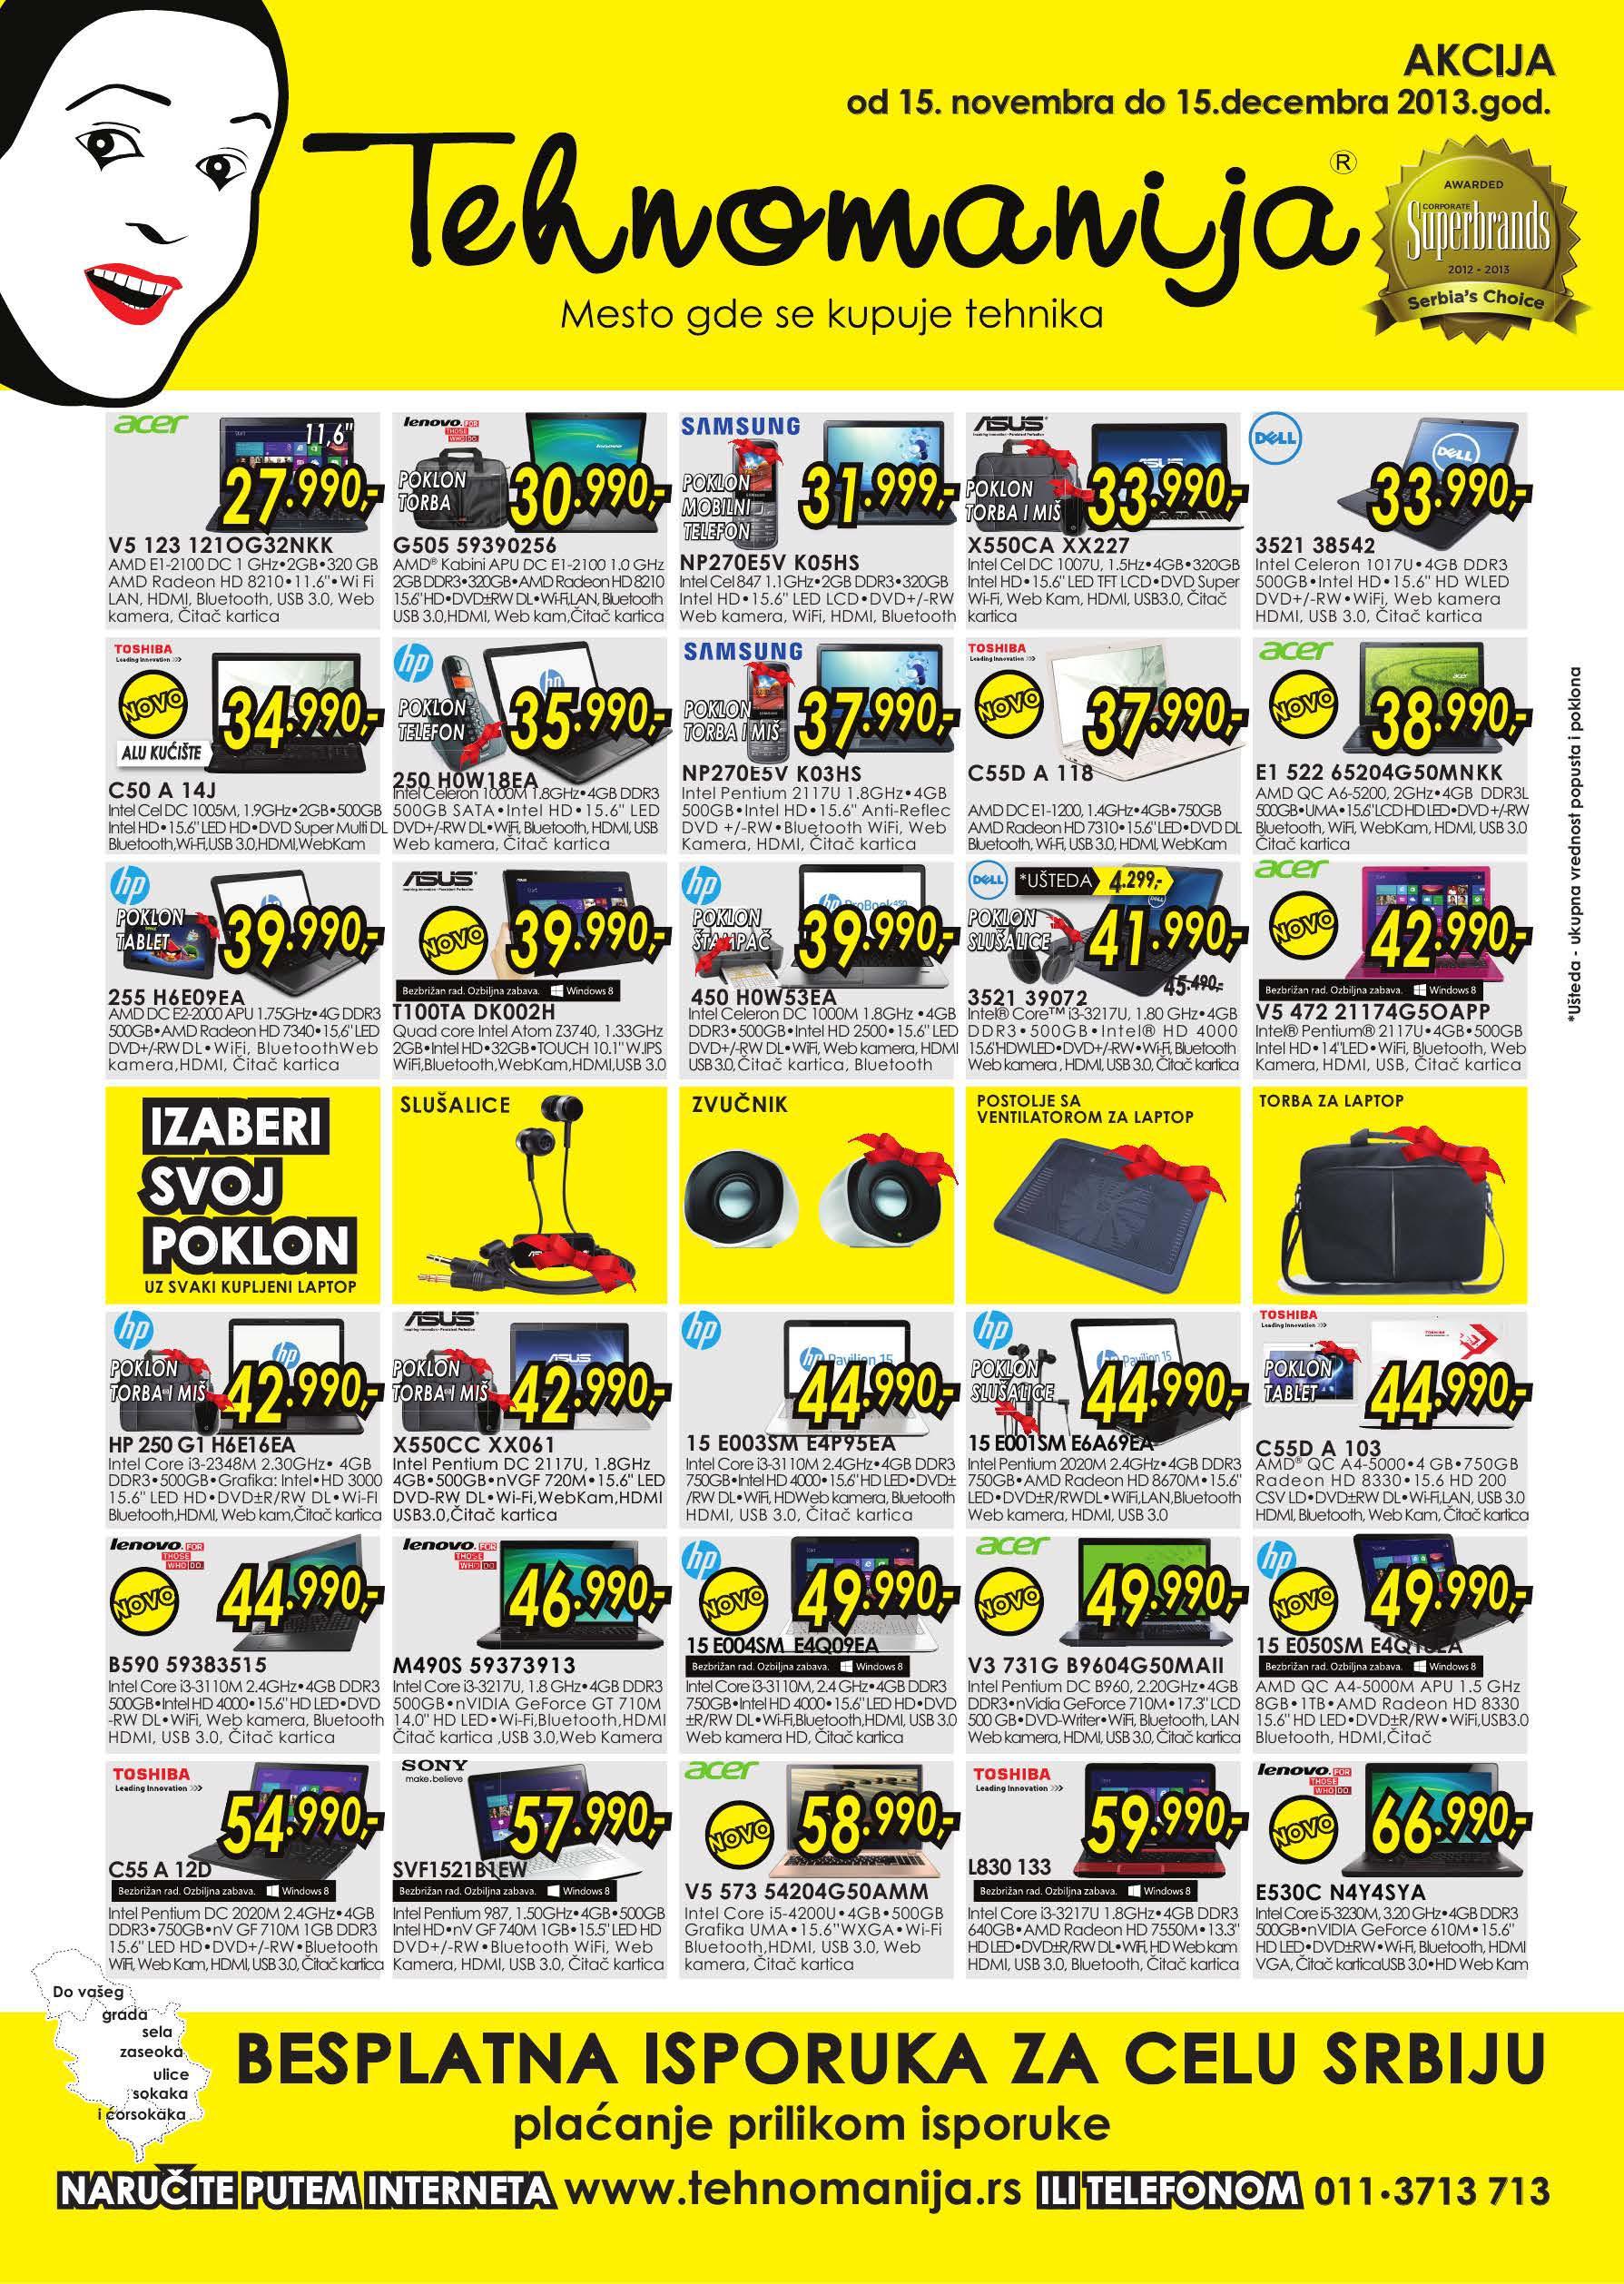 Tehnomanija katalog najbolja ponuda laptopova i tableta